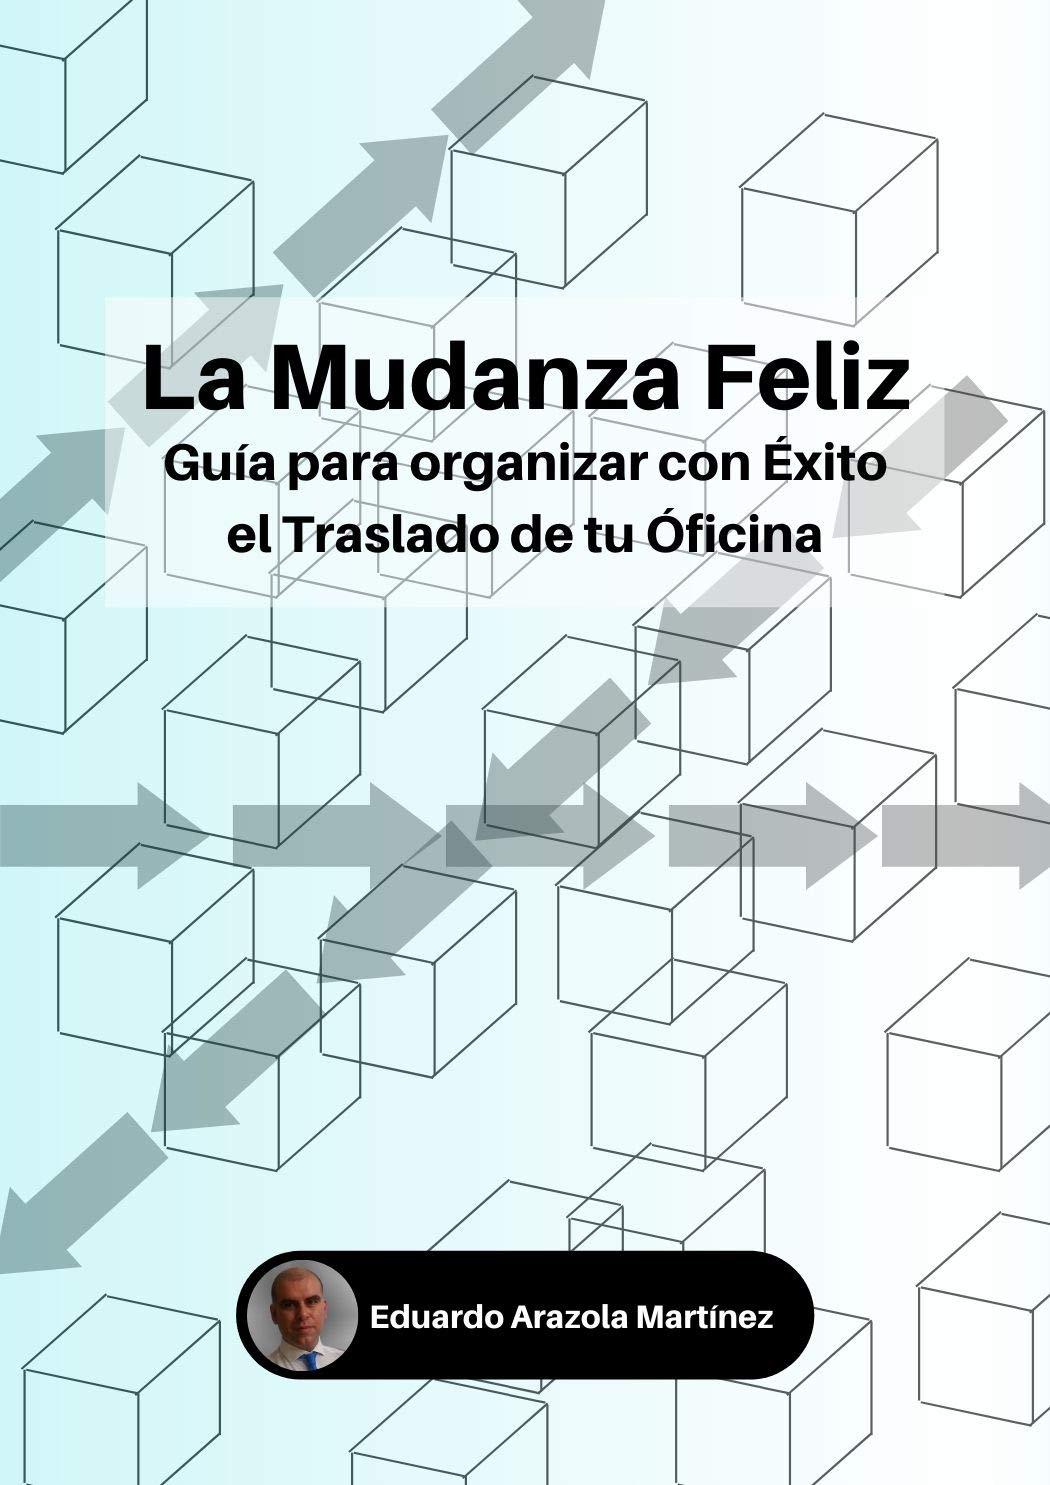 La Mudanza Feliz.: Guía para organizar con éxito el traslado de tu oficina. (Spanish Edition)